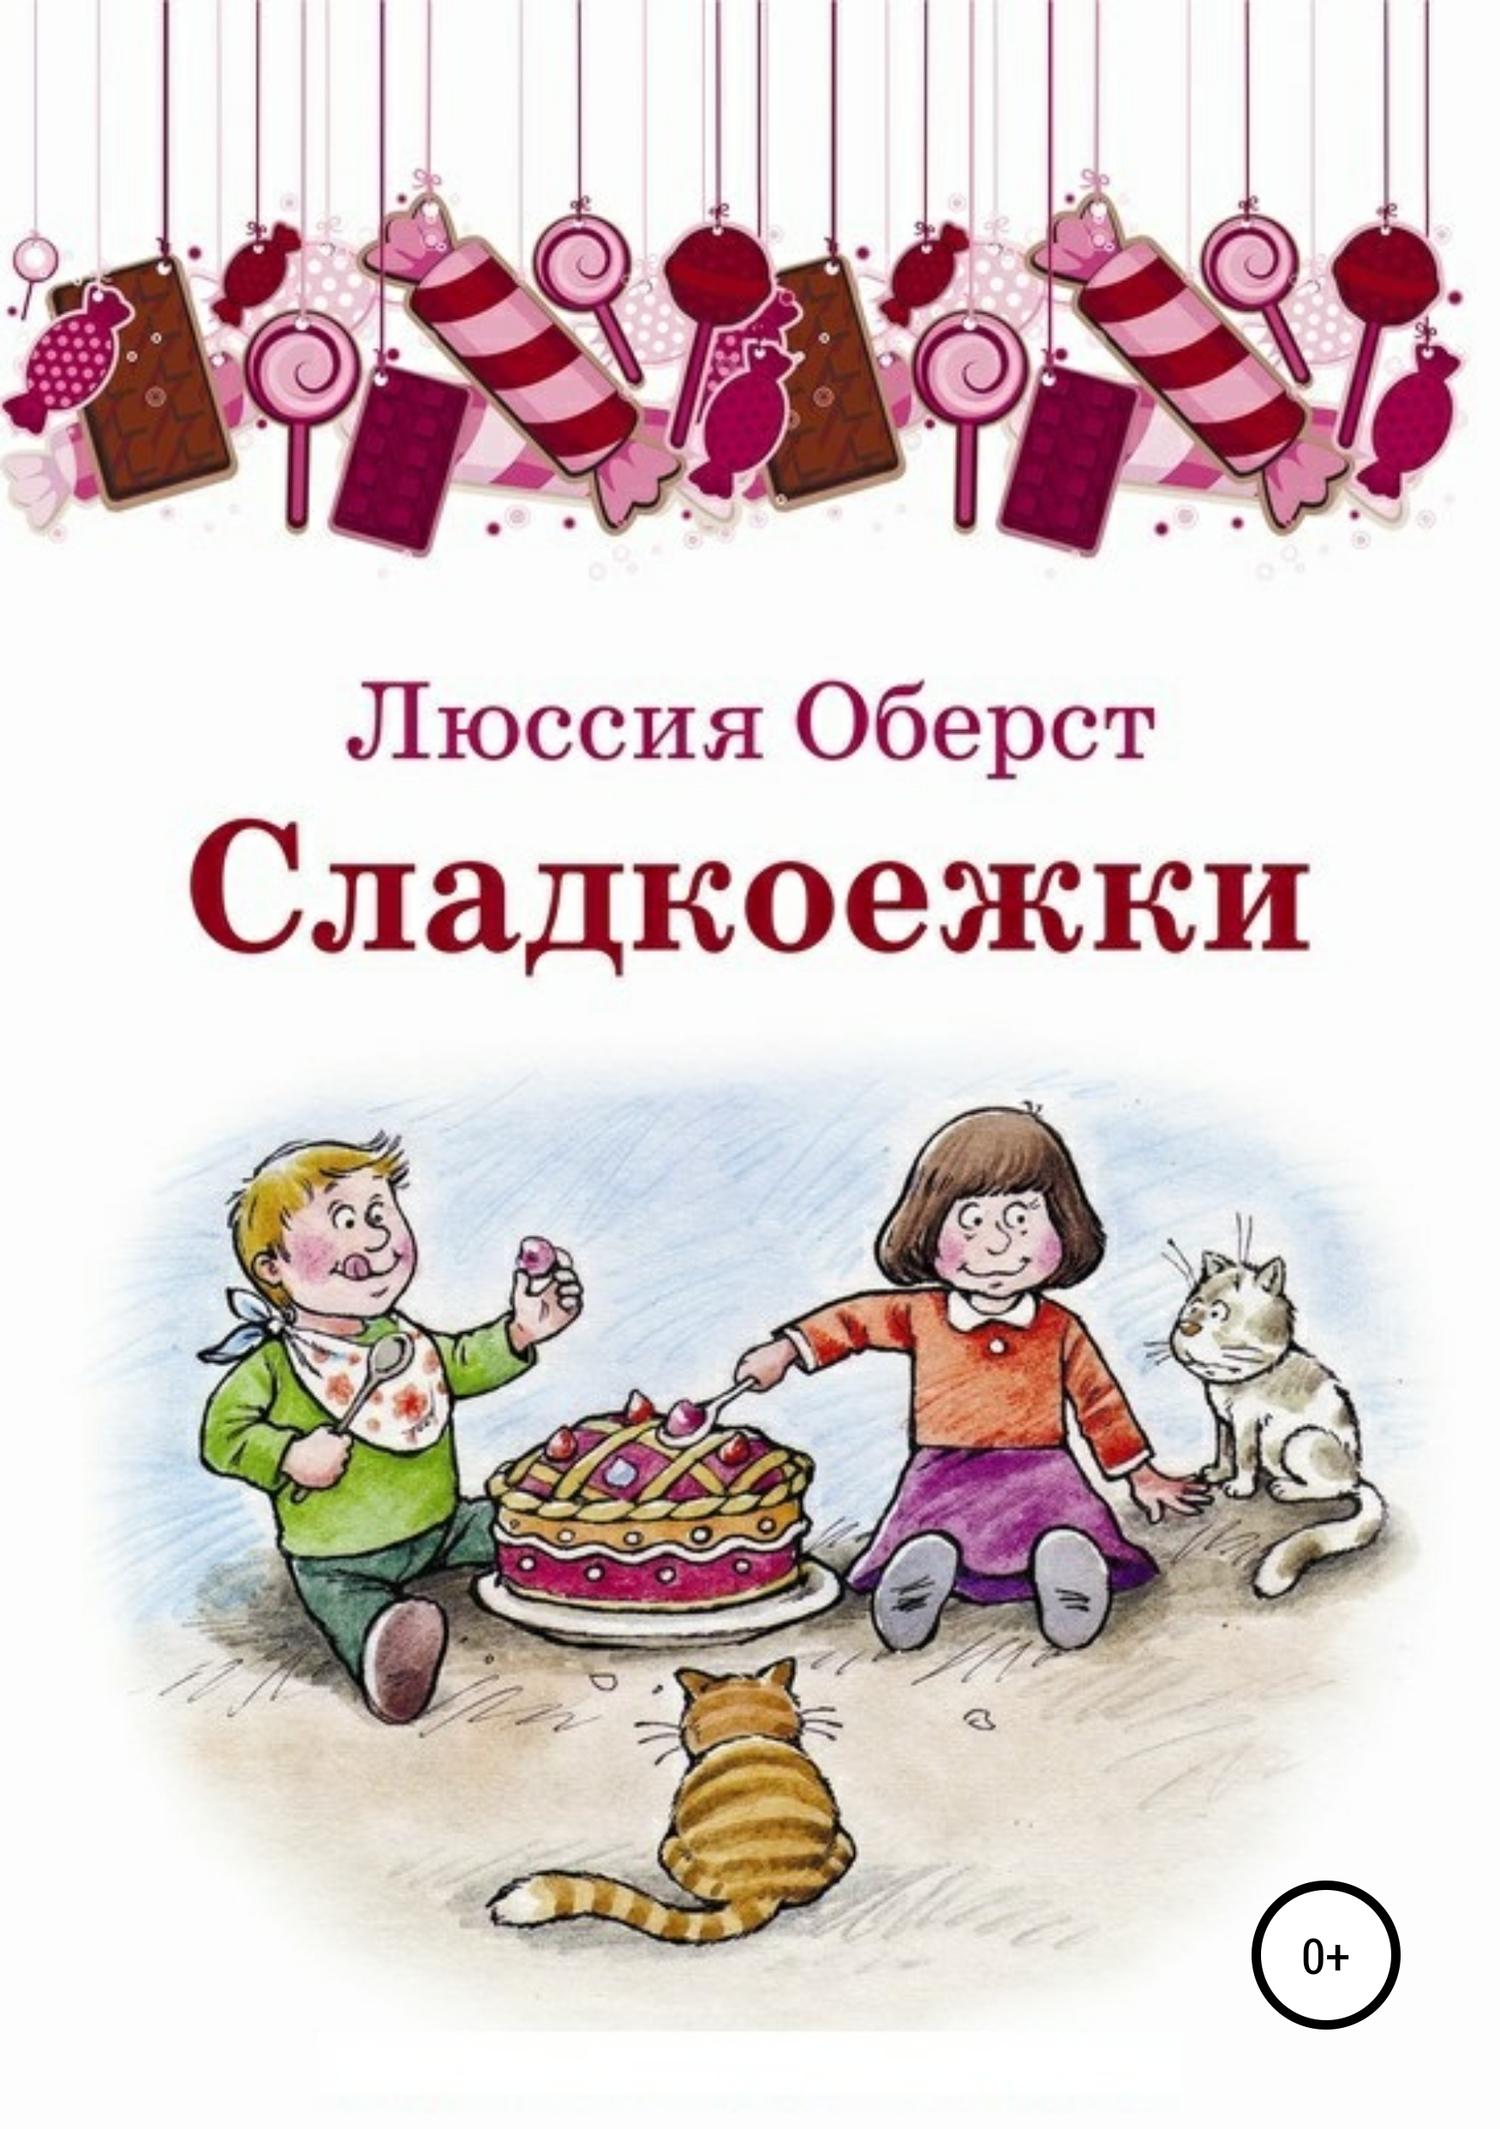 Люссия Оберст - Сладкоежки